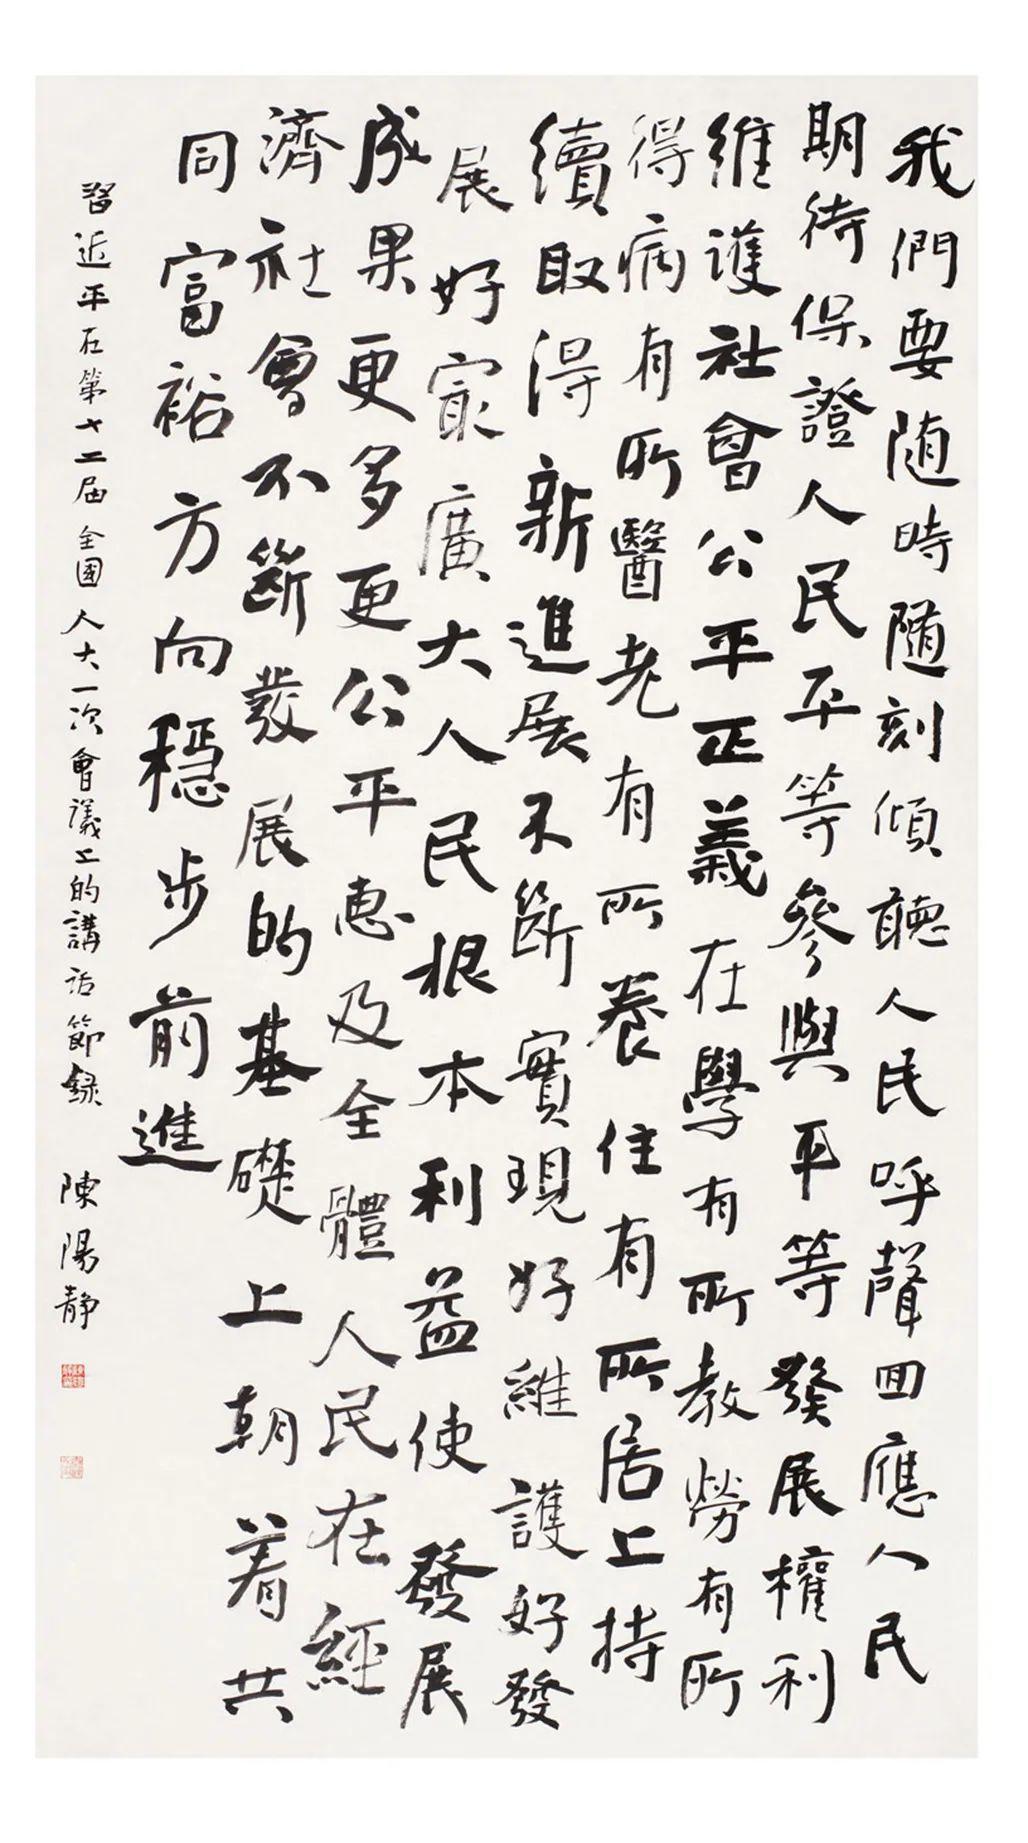 中国力量——全国扶贫书法大展作品 | 第一篇章 :人民至上(图26)